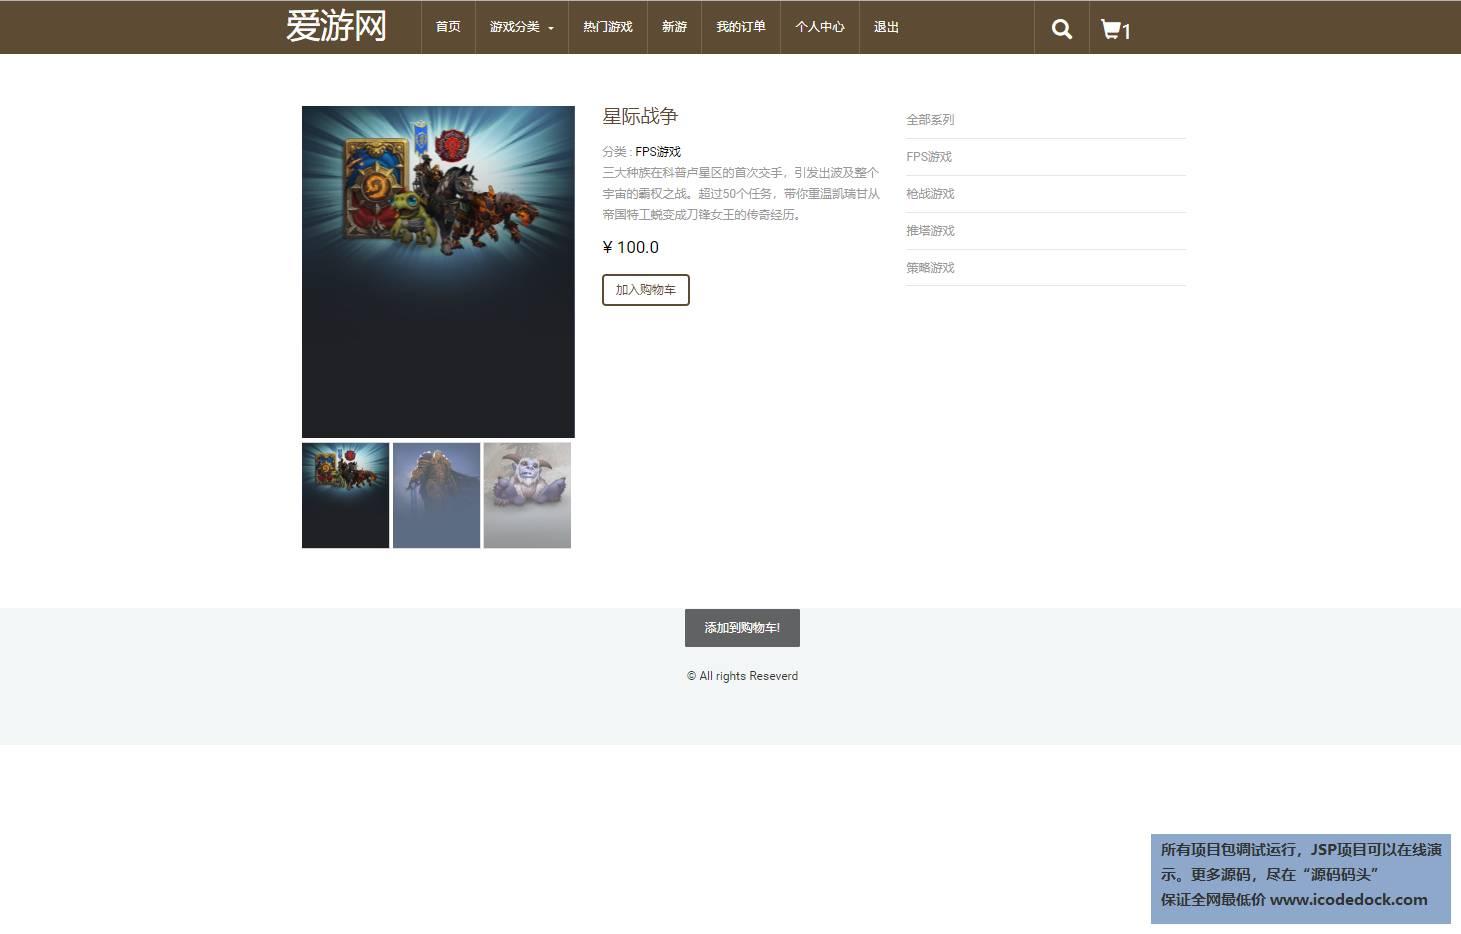 源码码头-JSP游戏购买网站-用户角色-购买游戏